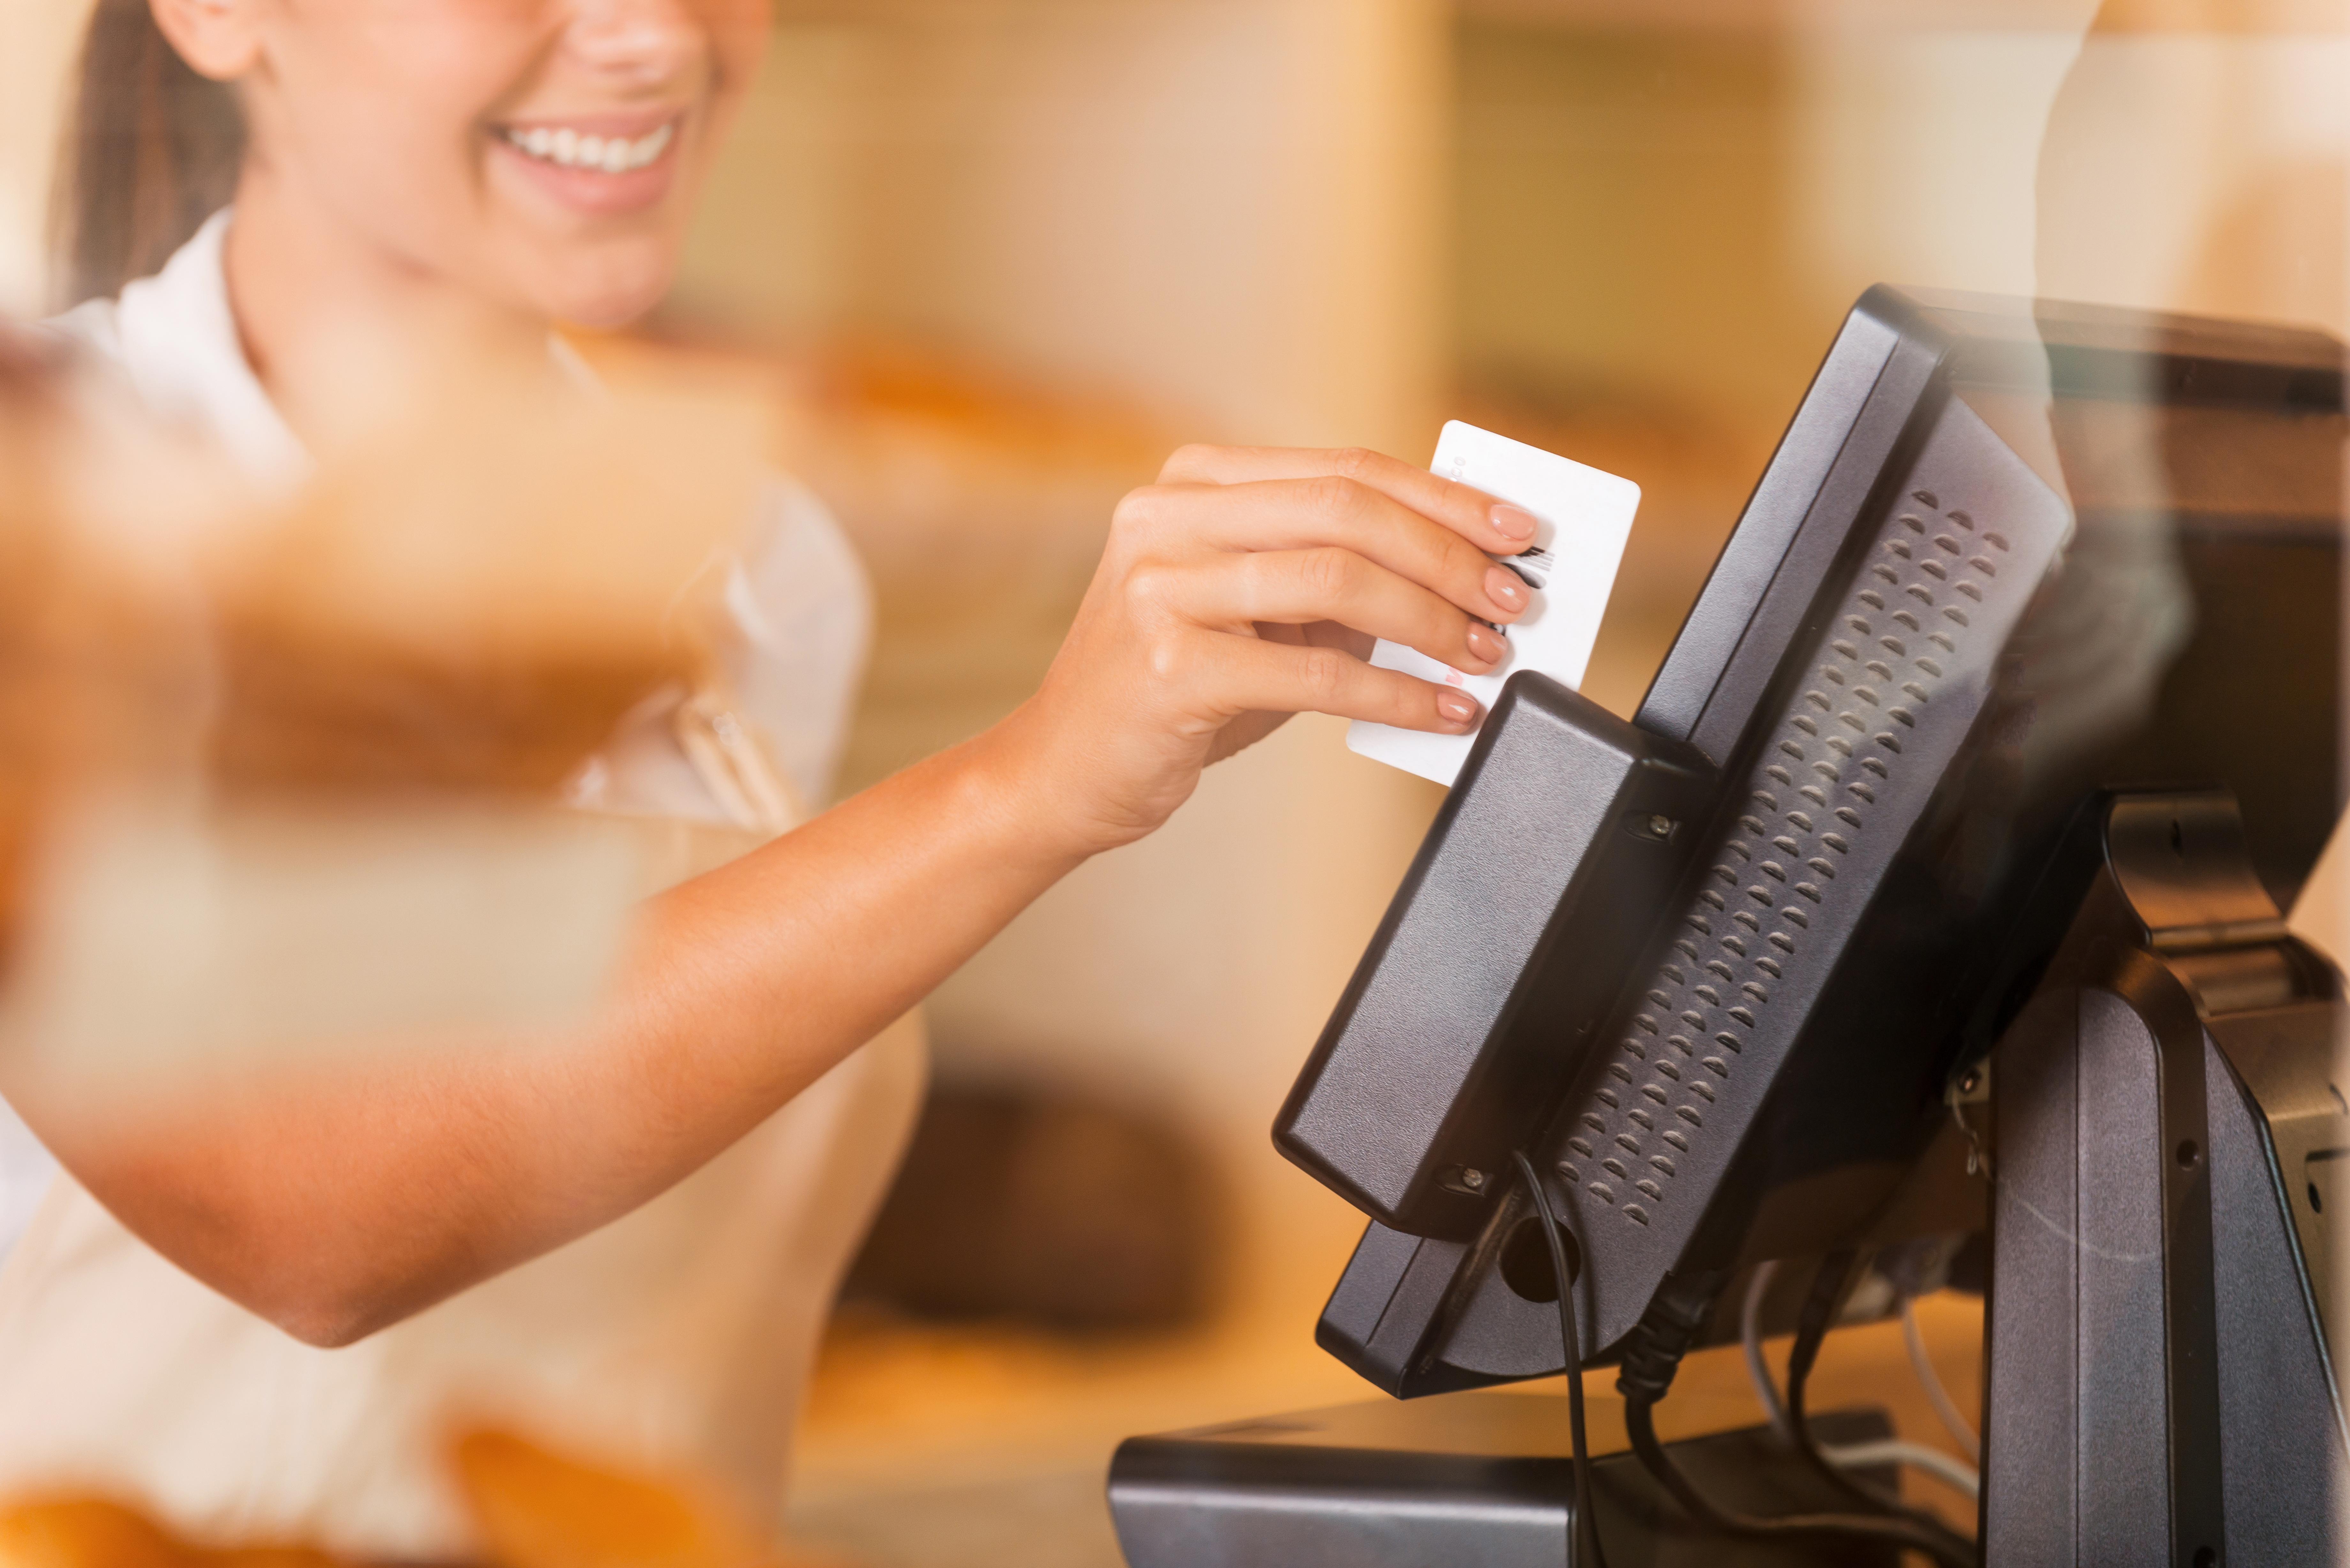 Cashier at work.